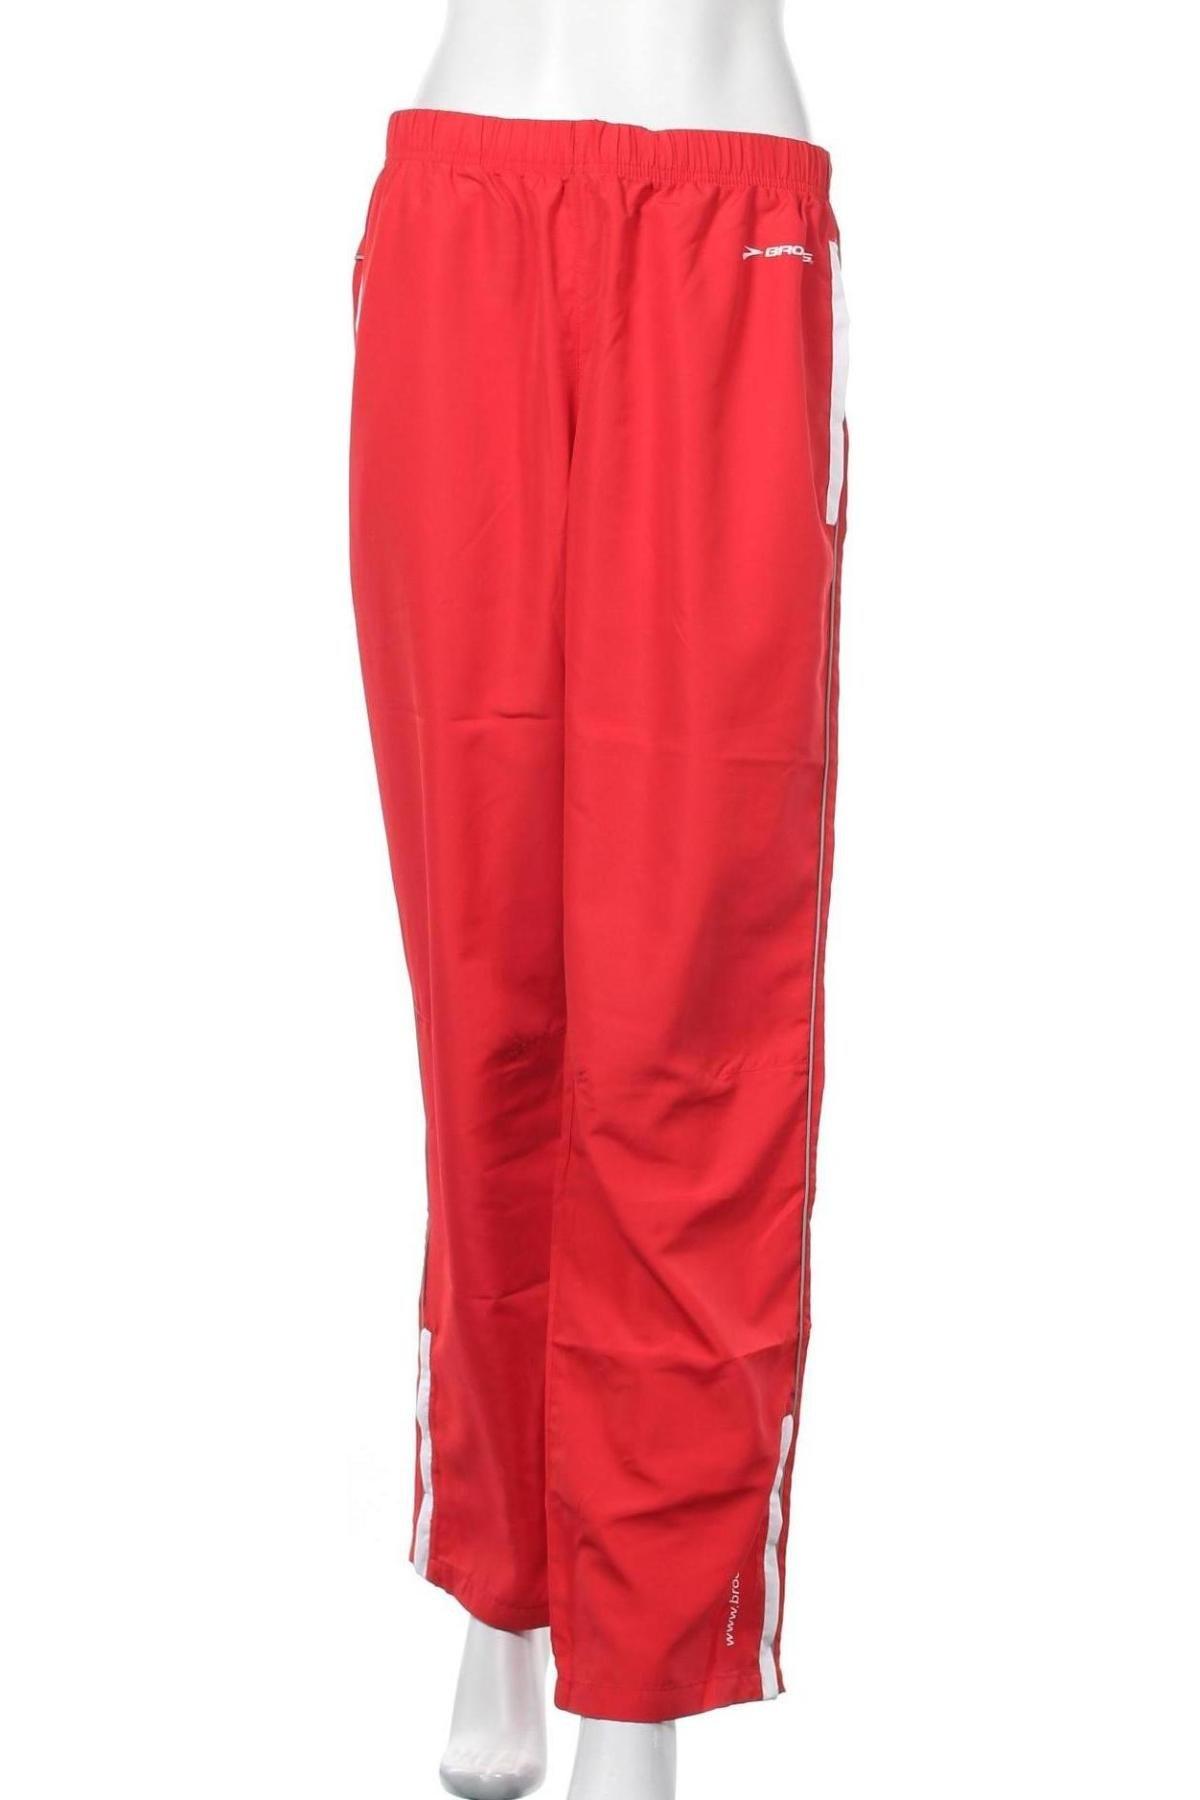 Γυναικείο αθλητικό παντελόνι Brooks, Μέγεθος M, Χρώμα Κόκκινο, Πολυεστέρας, Τιμή 19,63€